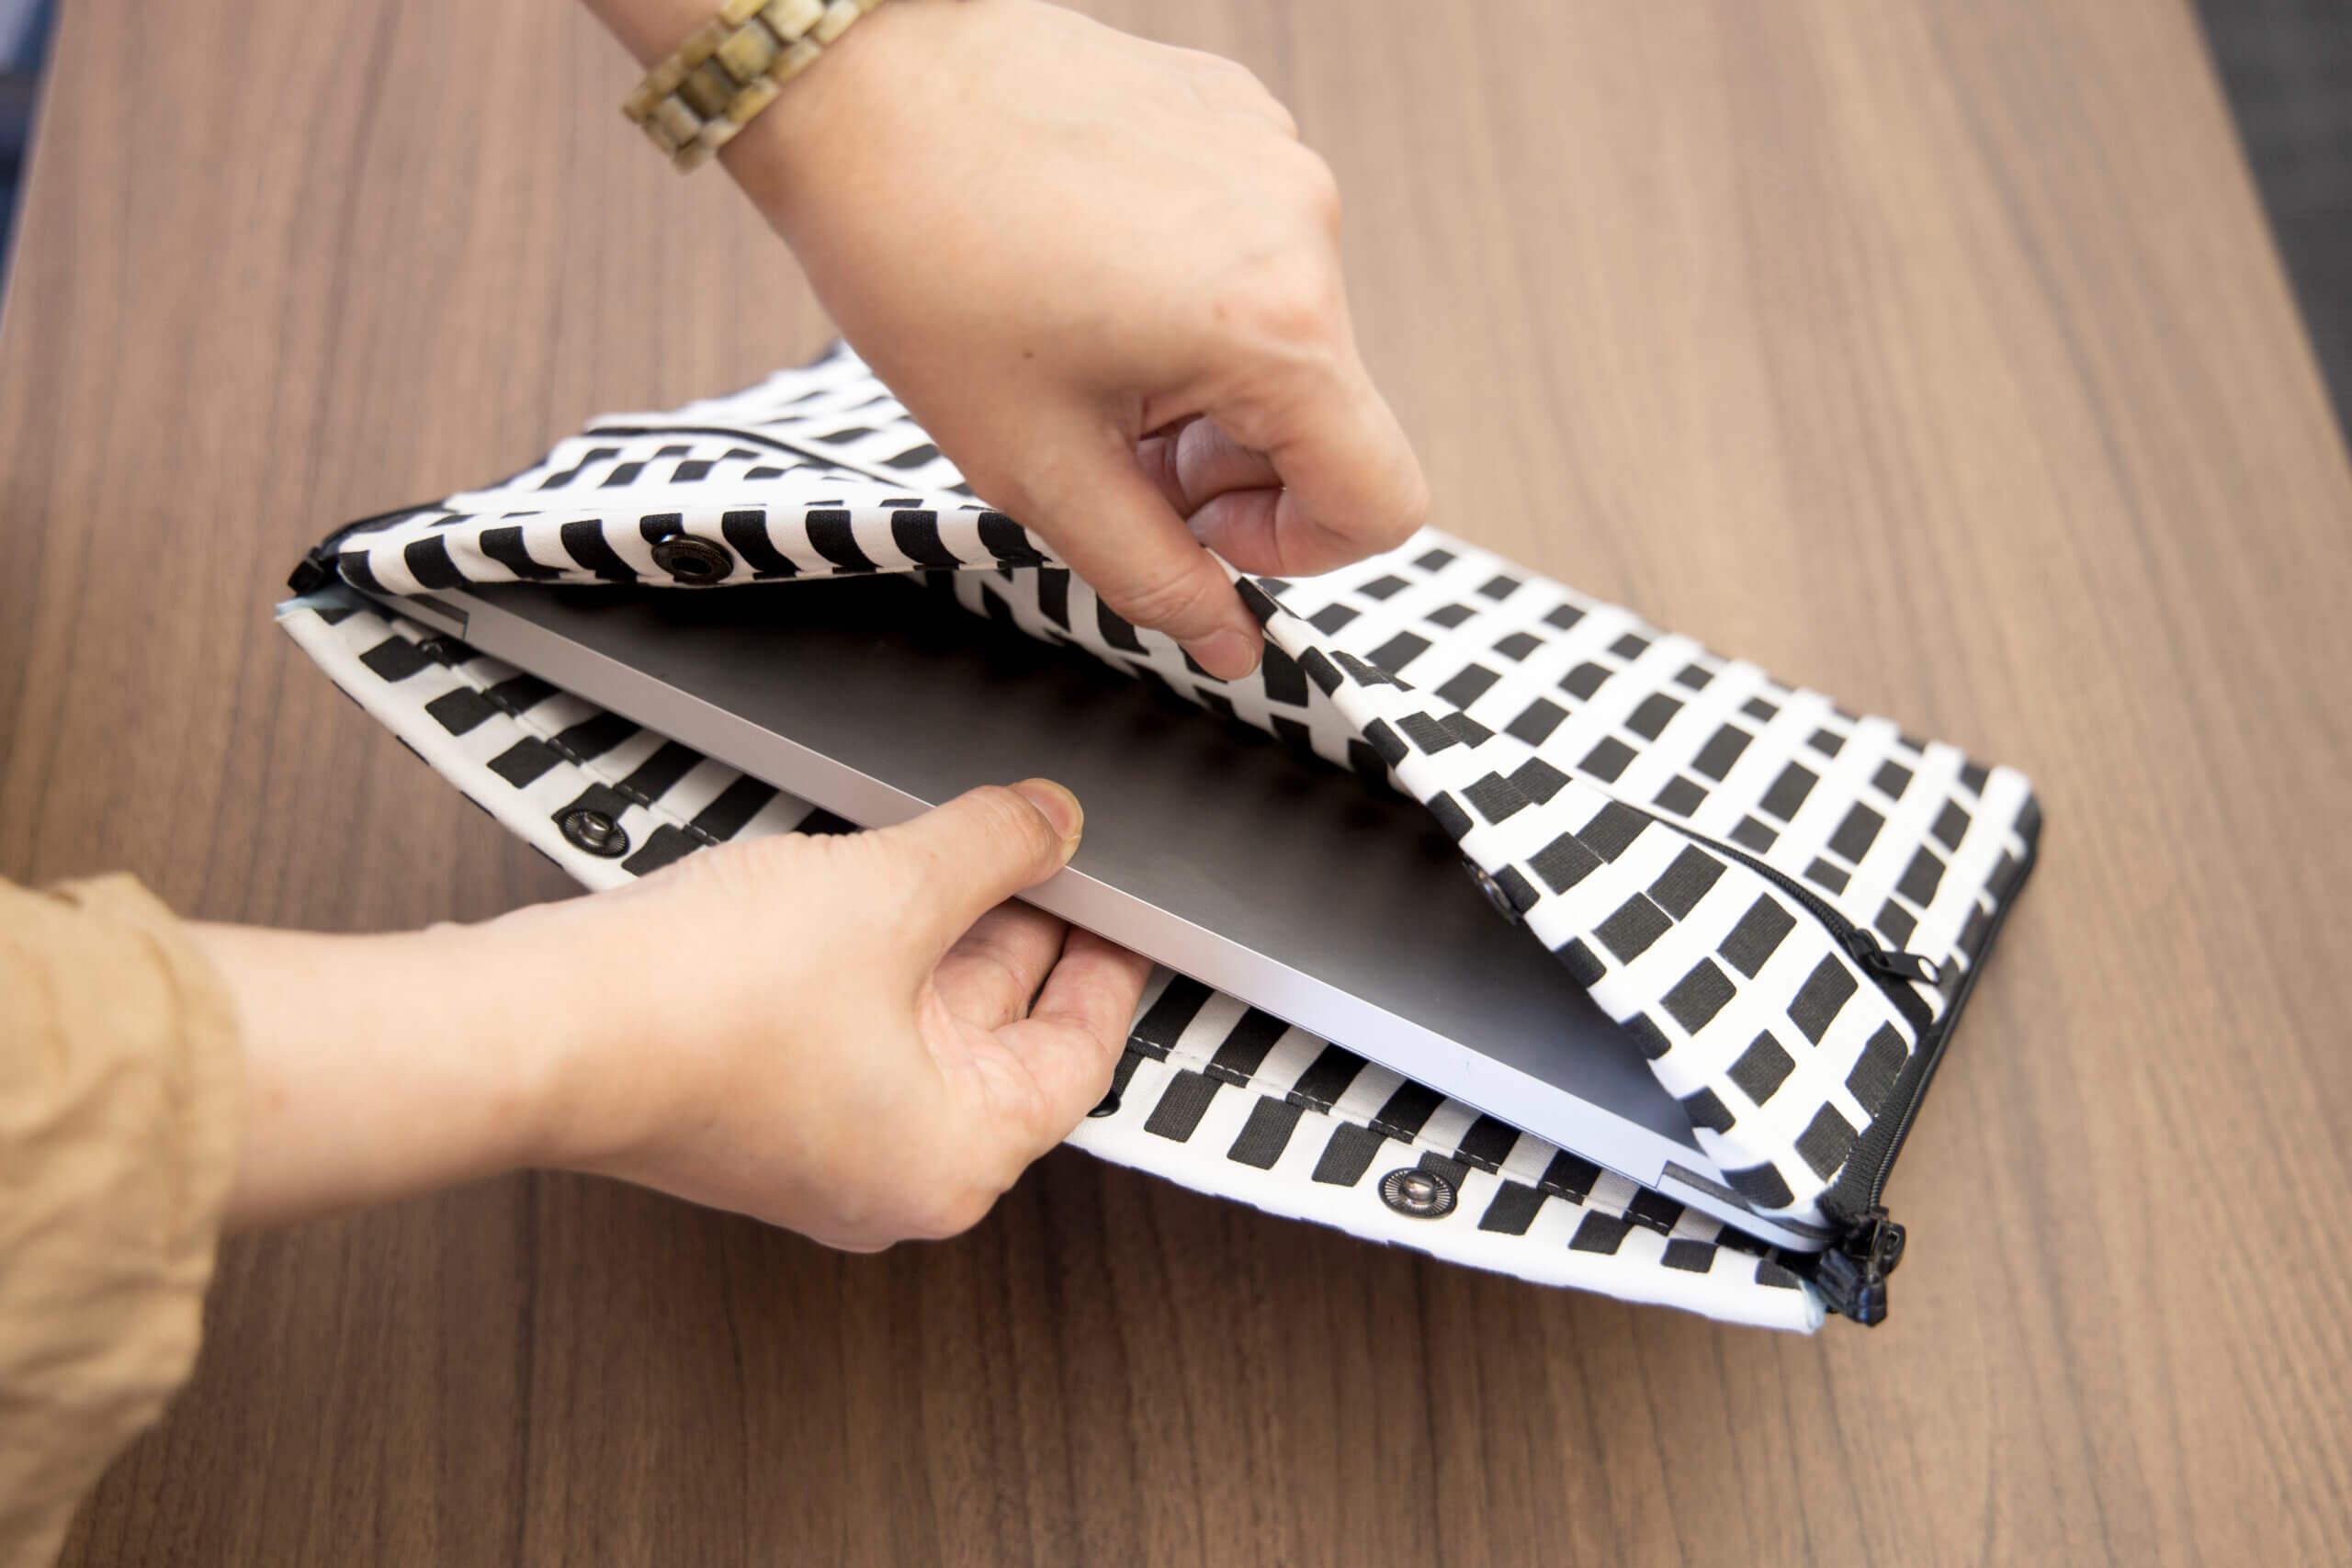 まず、丈夫で厚みのある素材でできているから、ノート型パソコンやタブレットを持ち運ぶときのケースとしても活躍します。私のノート型パソコン(A4サイズより1㎝ほど大きめ)はジャストサイズでした。子どもと一緒の外出でタブレットを持ち歩くときにも◎。